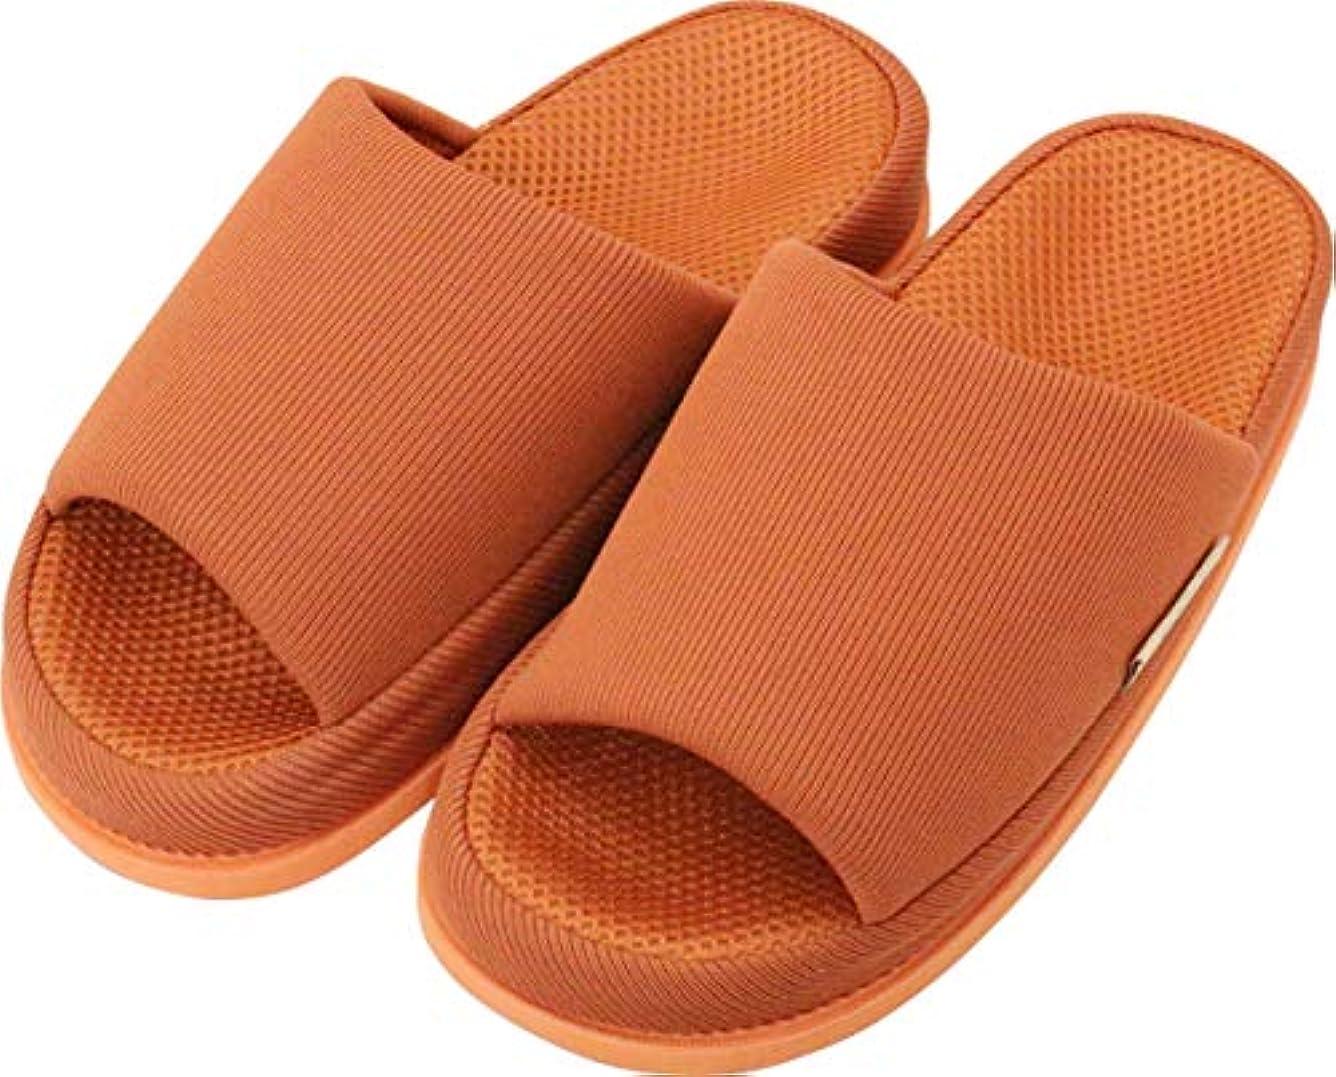 キャンベラ法律によりうまれた足で癒す リフレクソロジースリッパ リフレ 中心 ダークオレンジ L